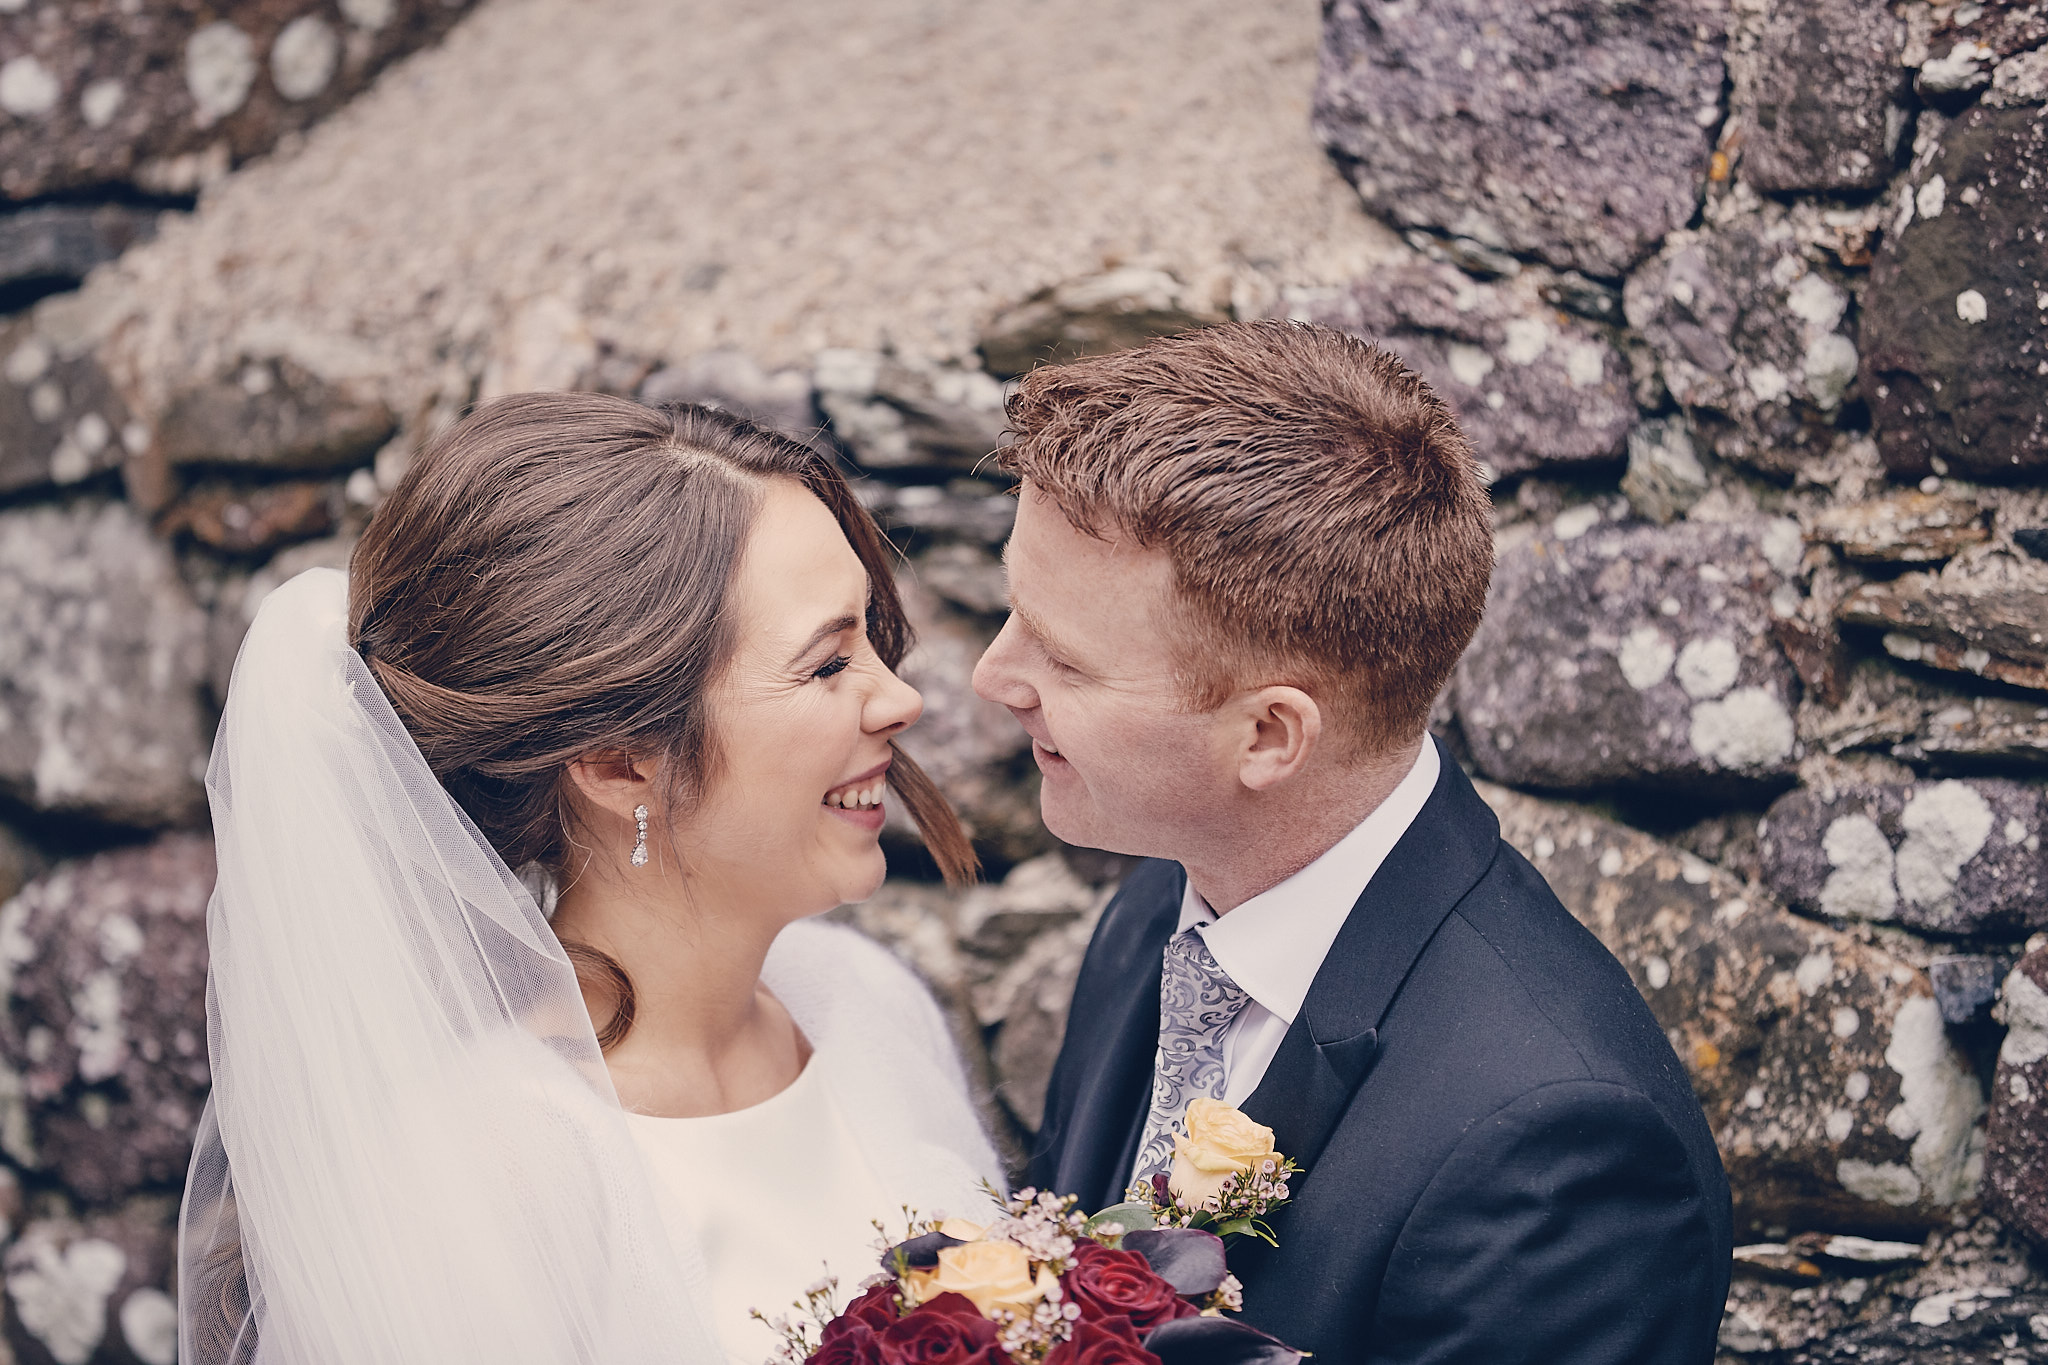 bruidsfotografie-bruifdsfotograaf-ierland-dublin-destination-trouwshoot_47.jpg